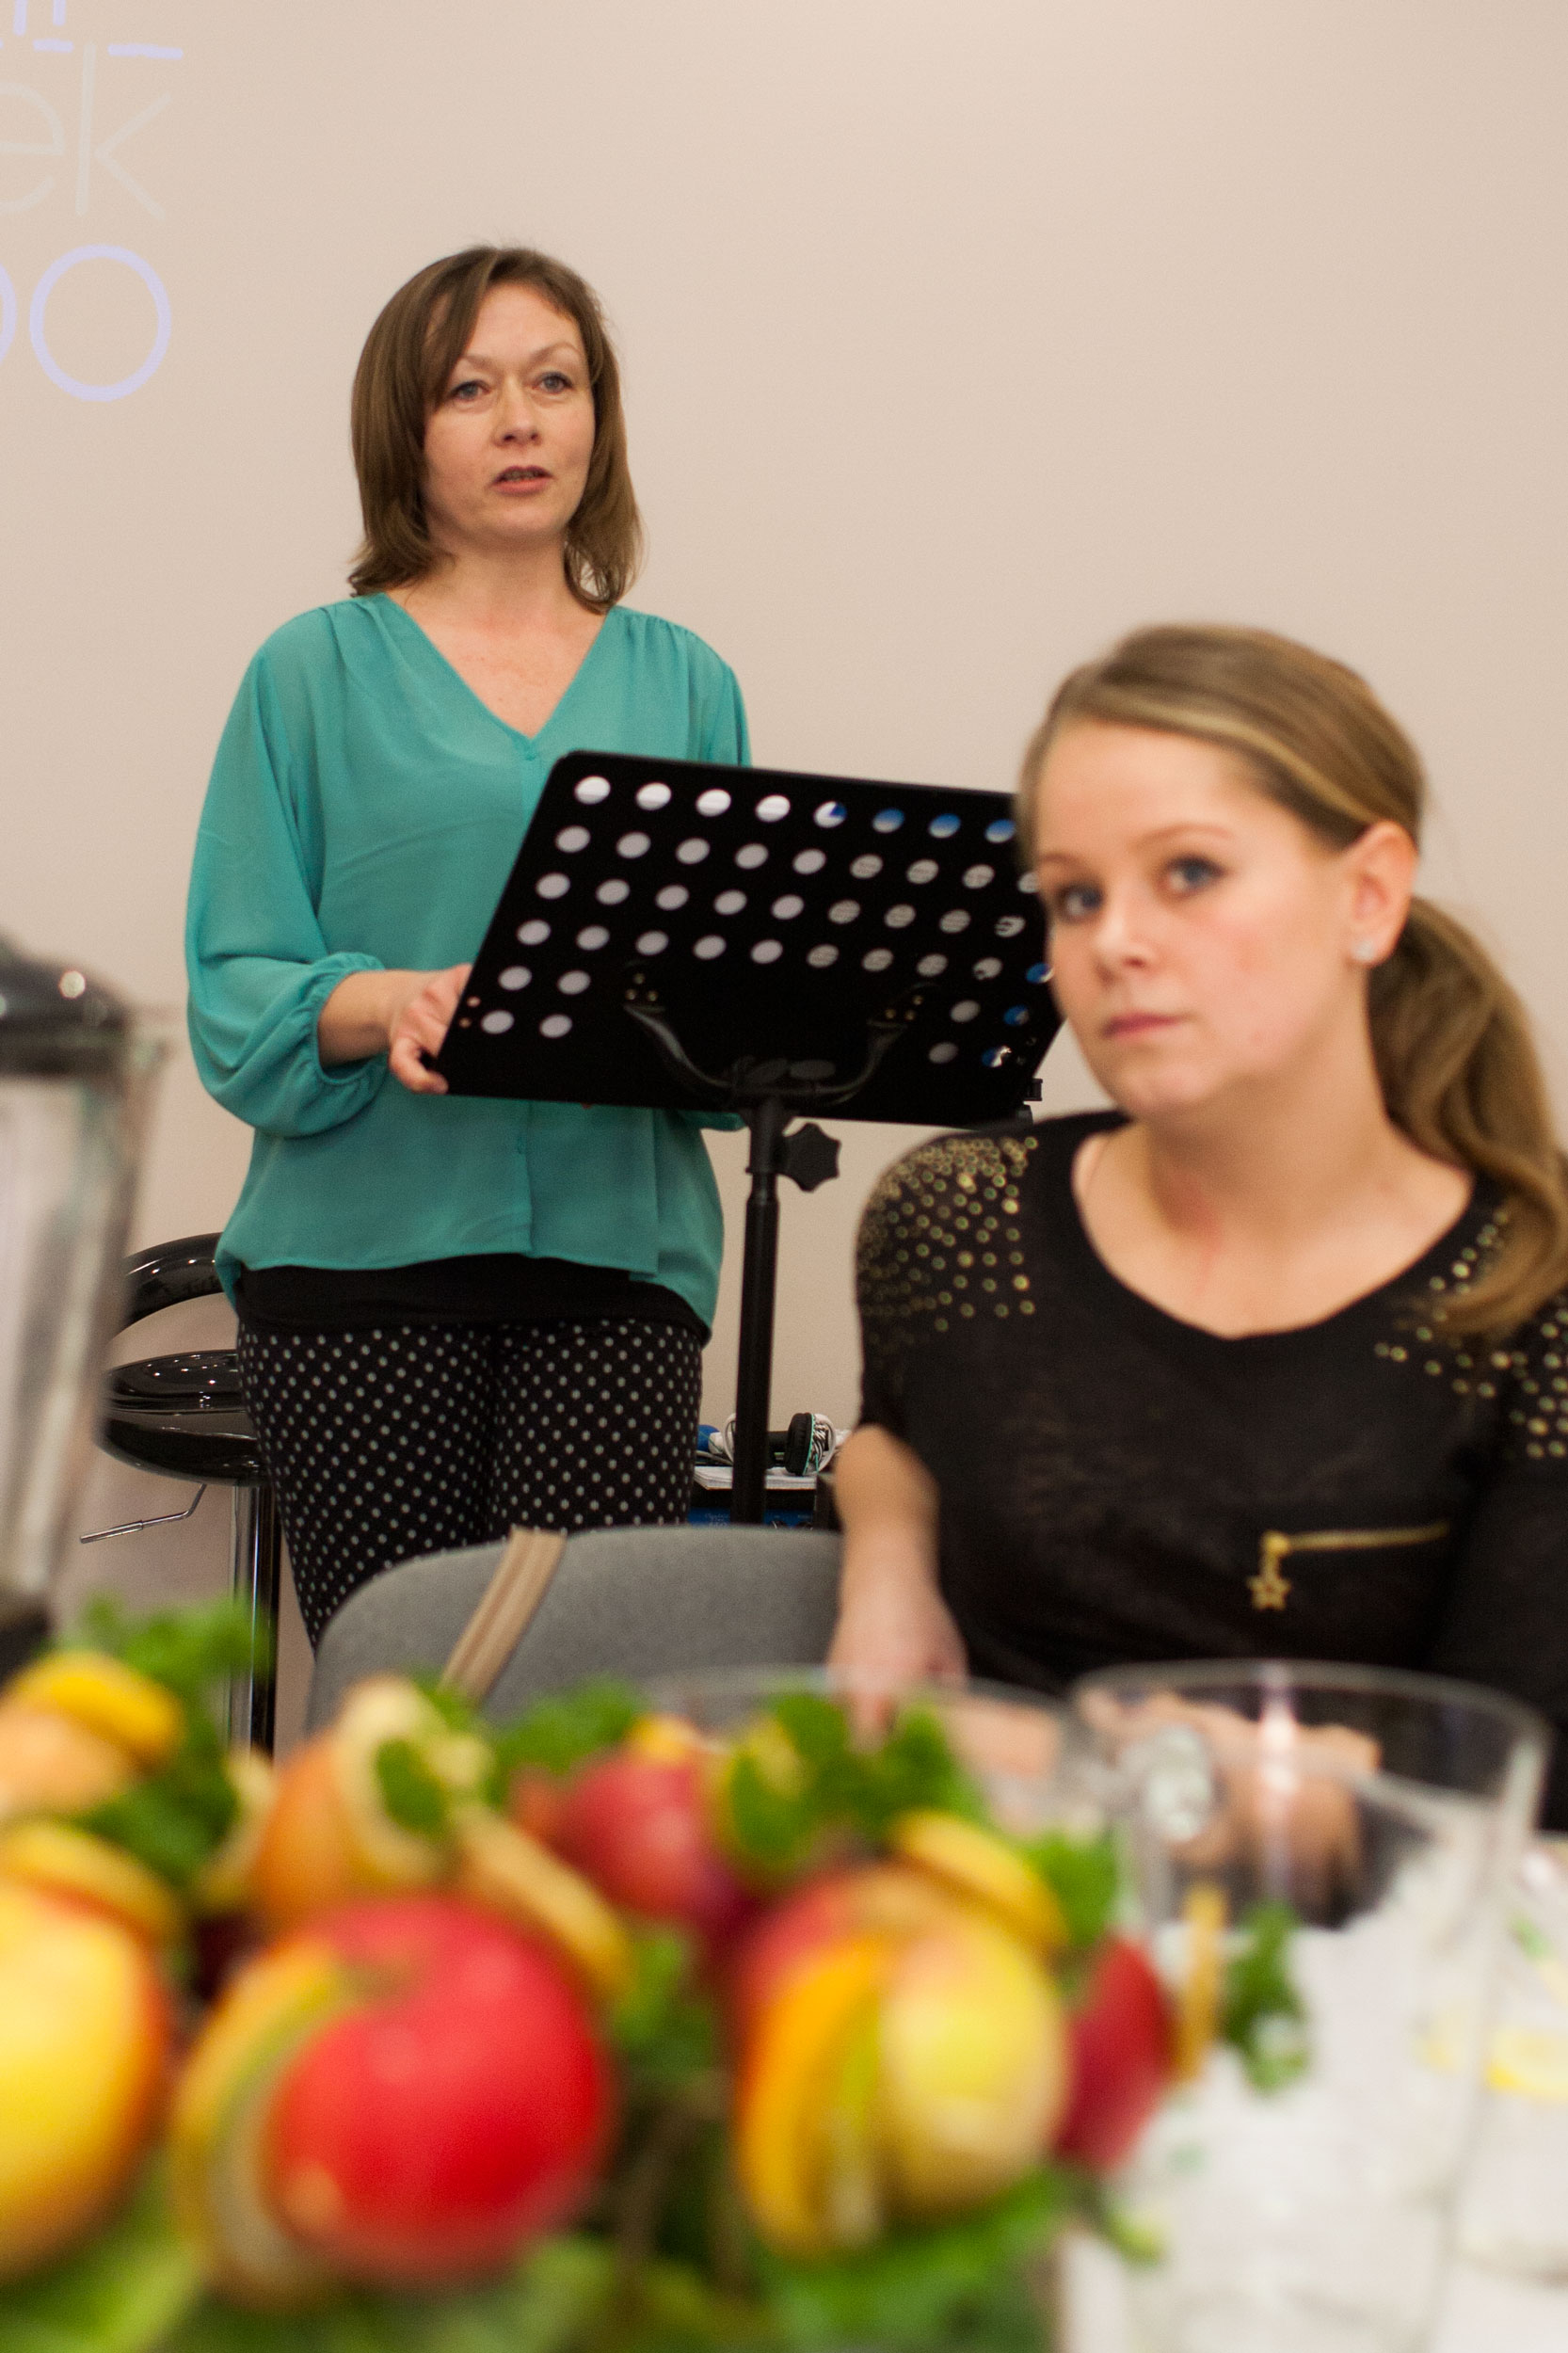 grażynka zaczeła pierwszy punkt naszego spotkania opowiadając o diecie warzywno-owocowej dr dąbrowskiej, którą sama stosowała